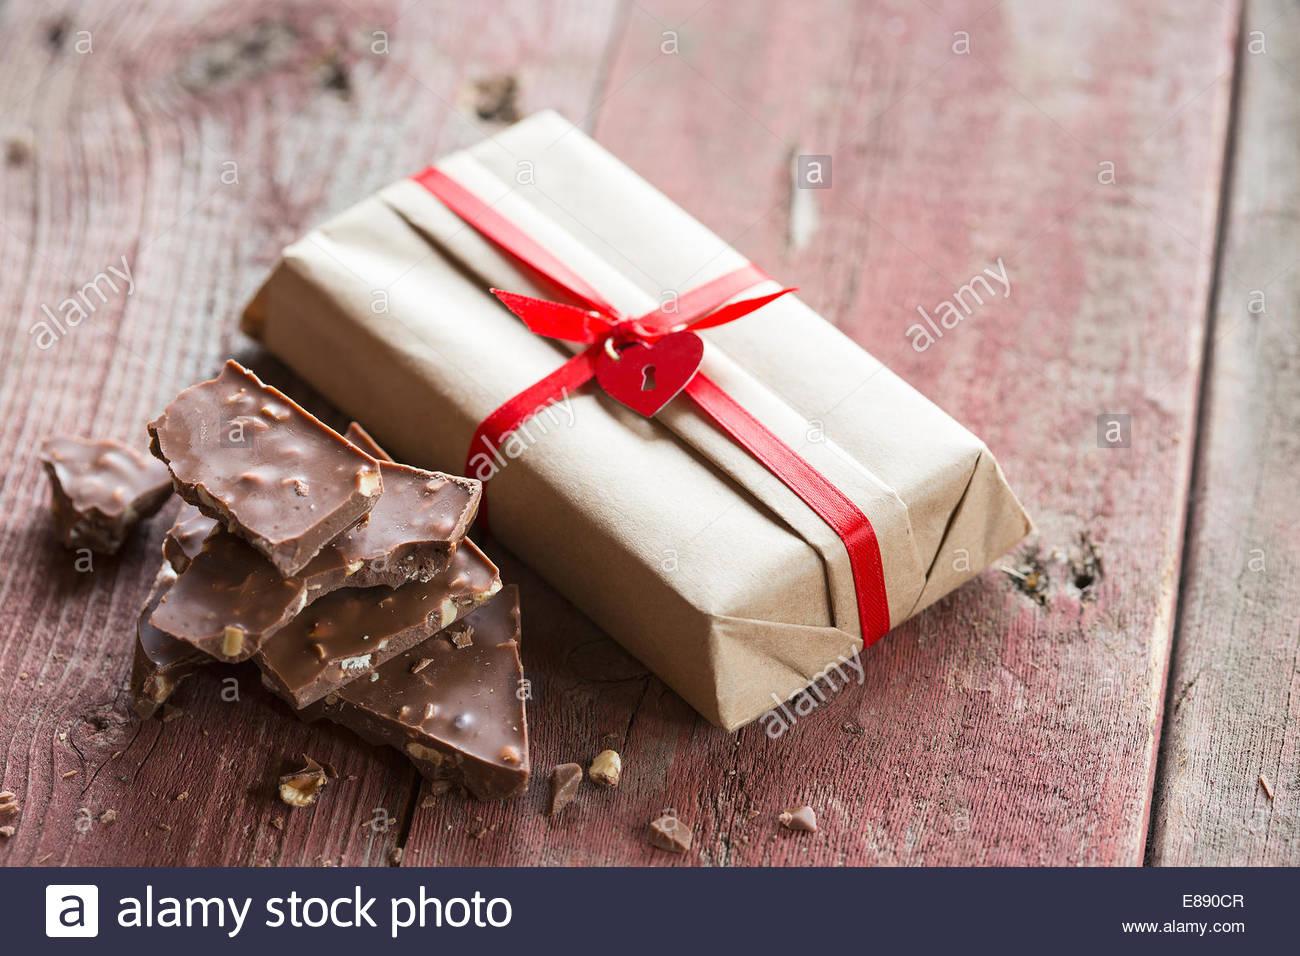 Stücke Schokolade Stockfotos & Stücke Schokolade Bilder - Alamy